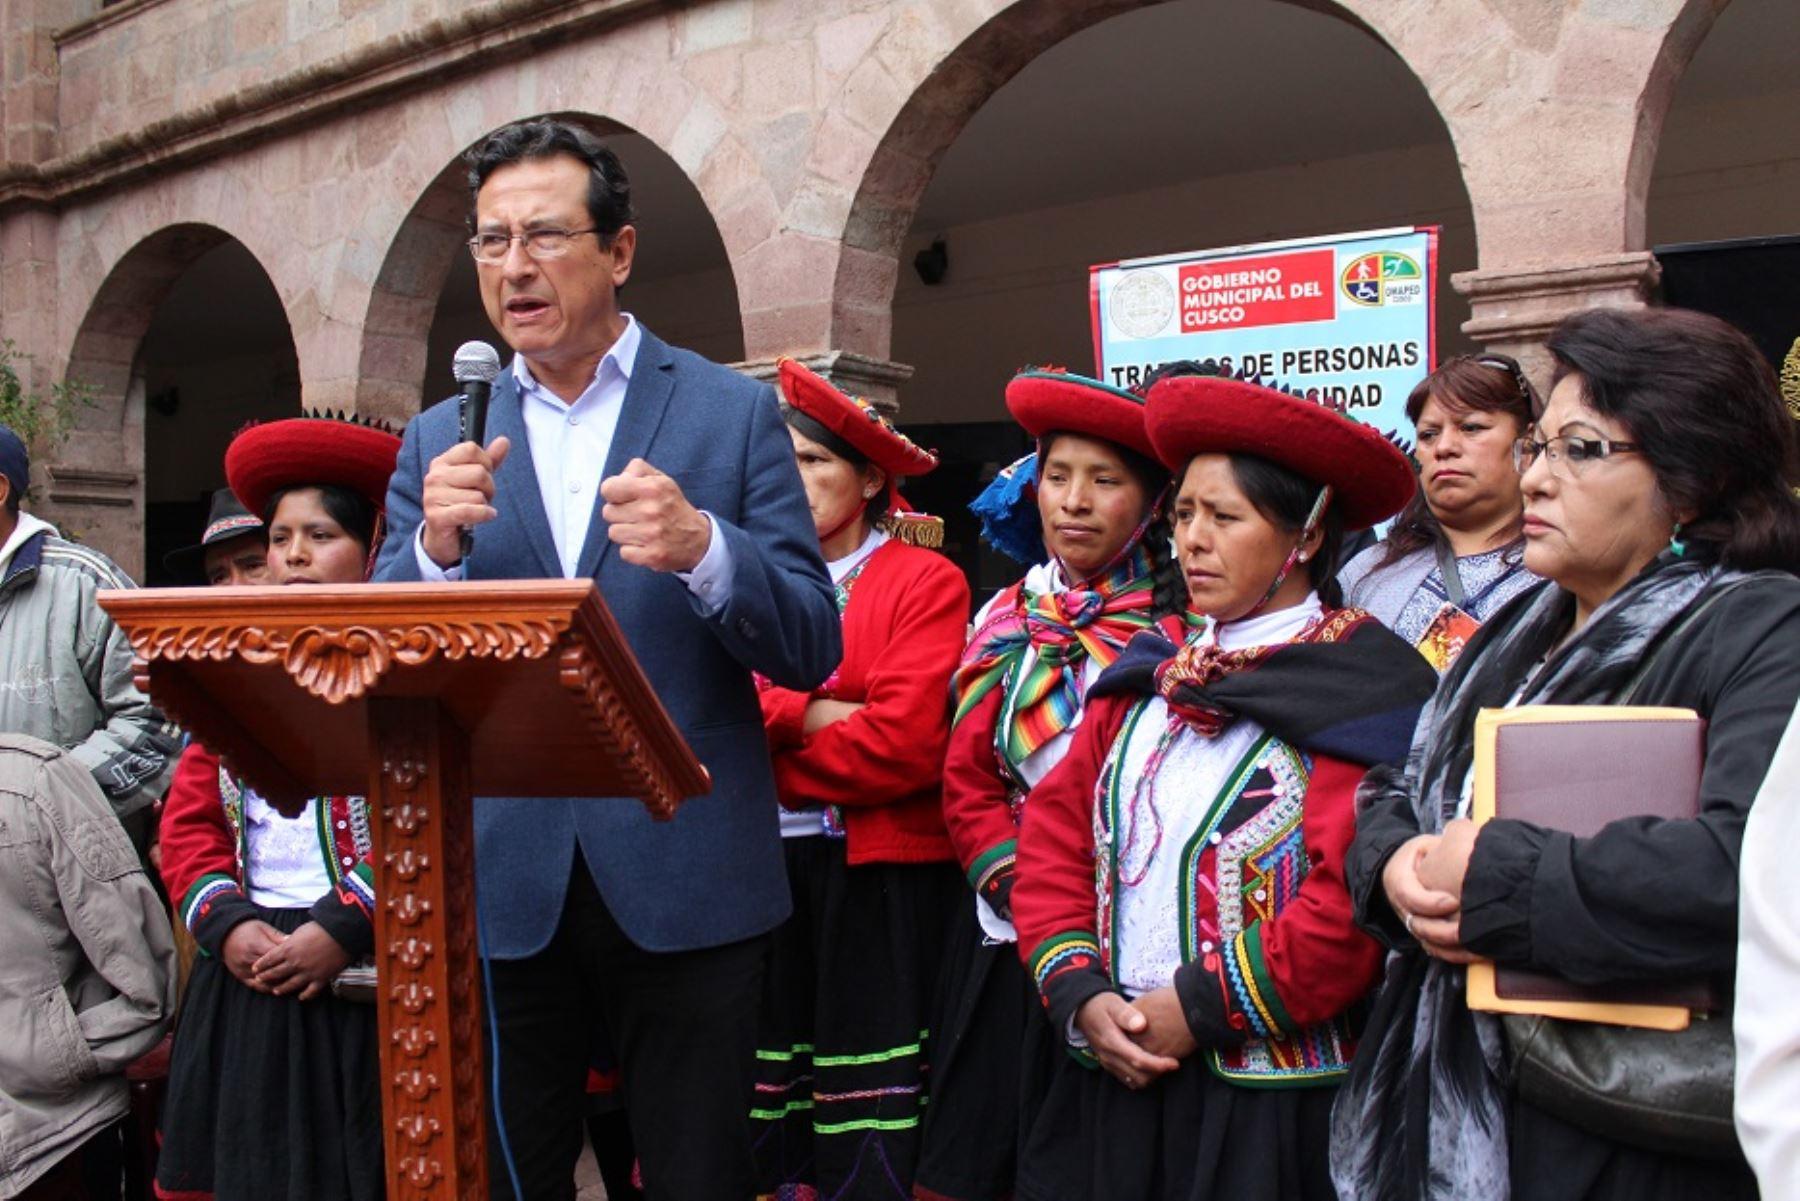 Alcalde Carlos Moscoso propone enseñar la historia de Cusco en colegios de la provincia. ANDINA/Percy Hurtado